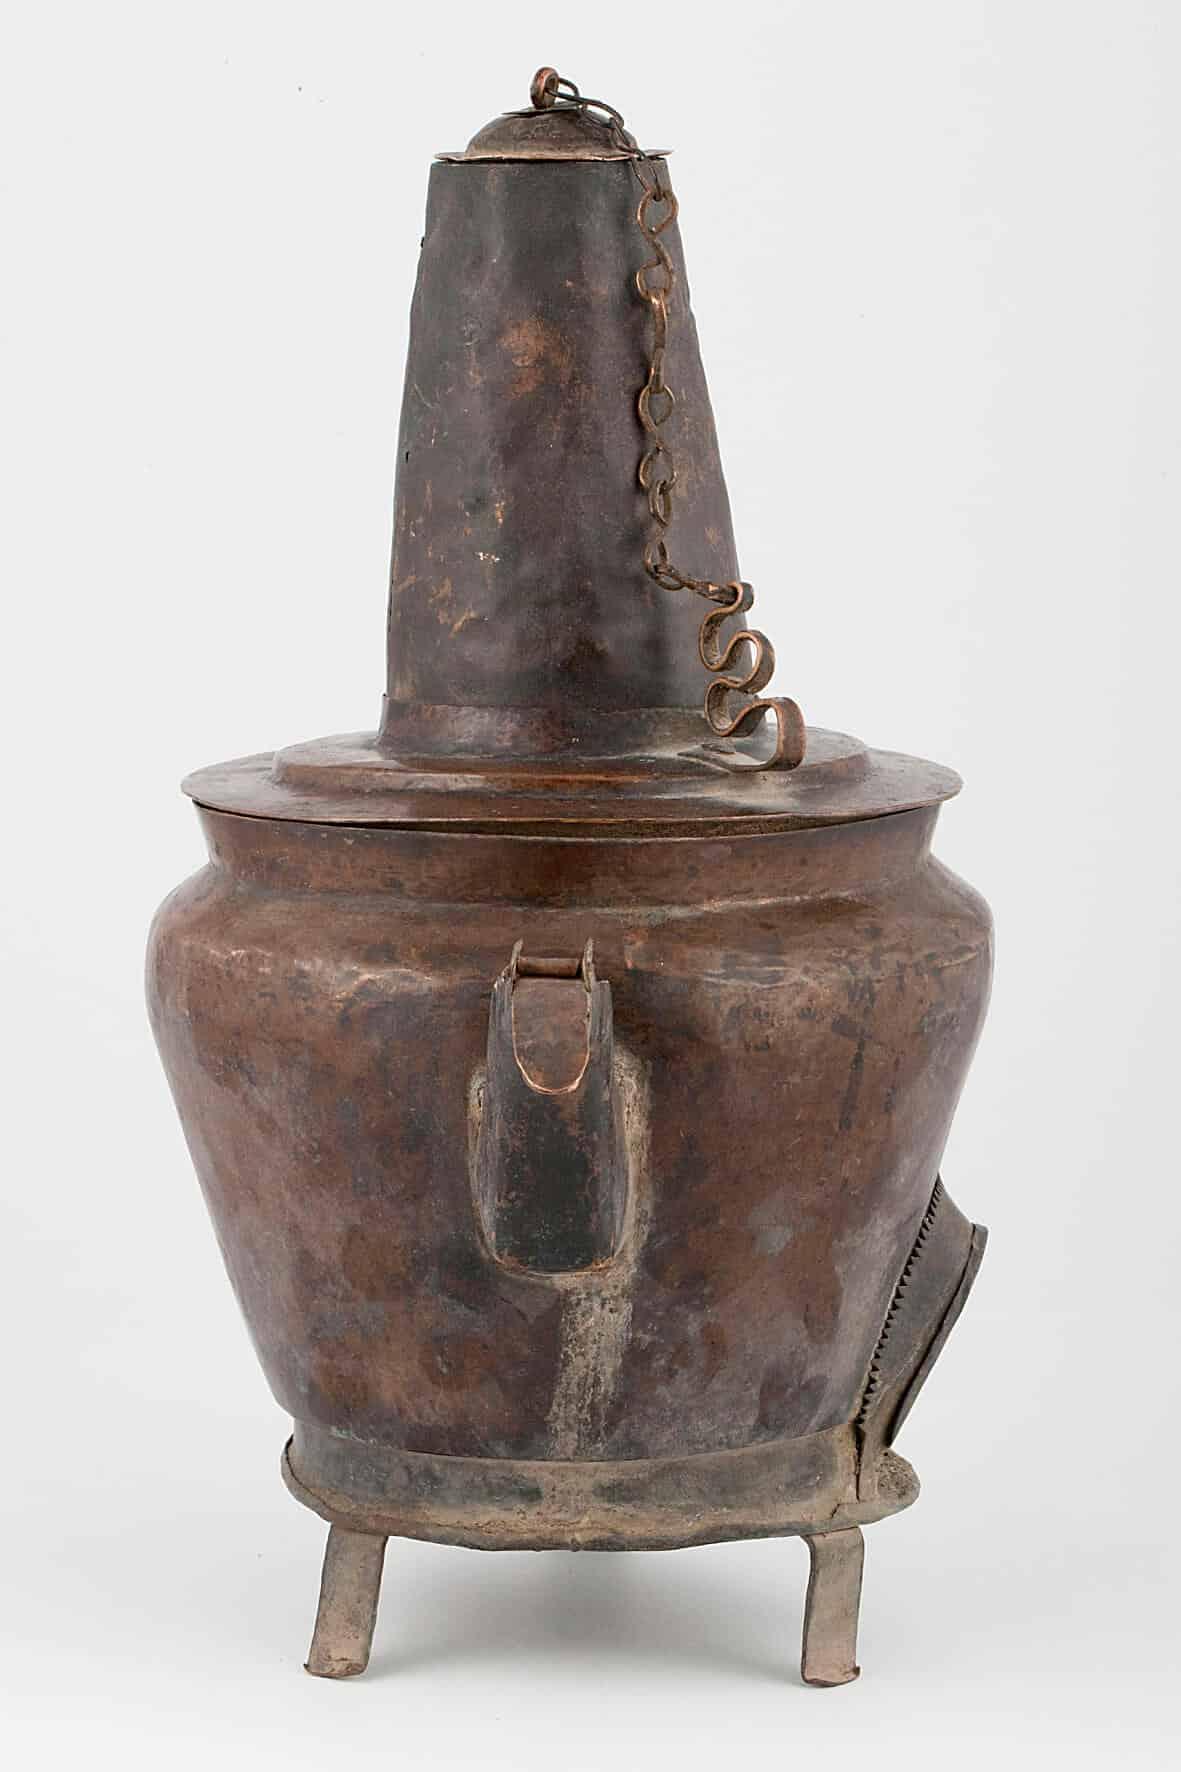 КБ 470 | Чайник-самовар | Музей самоваров и бульоток